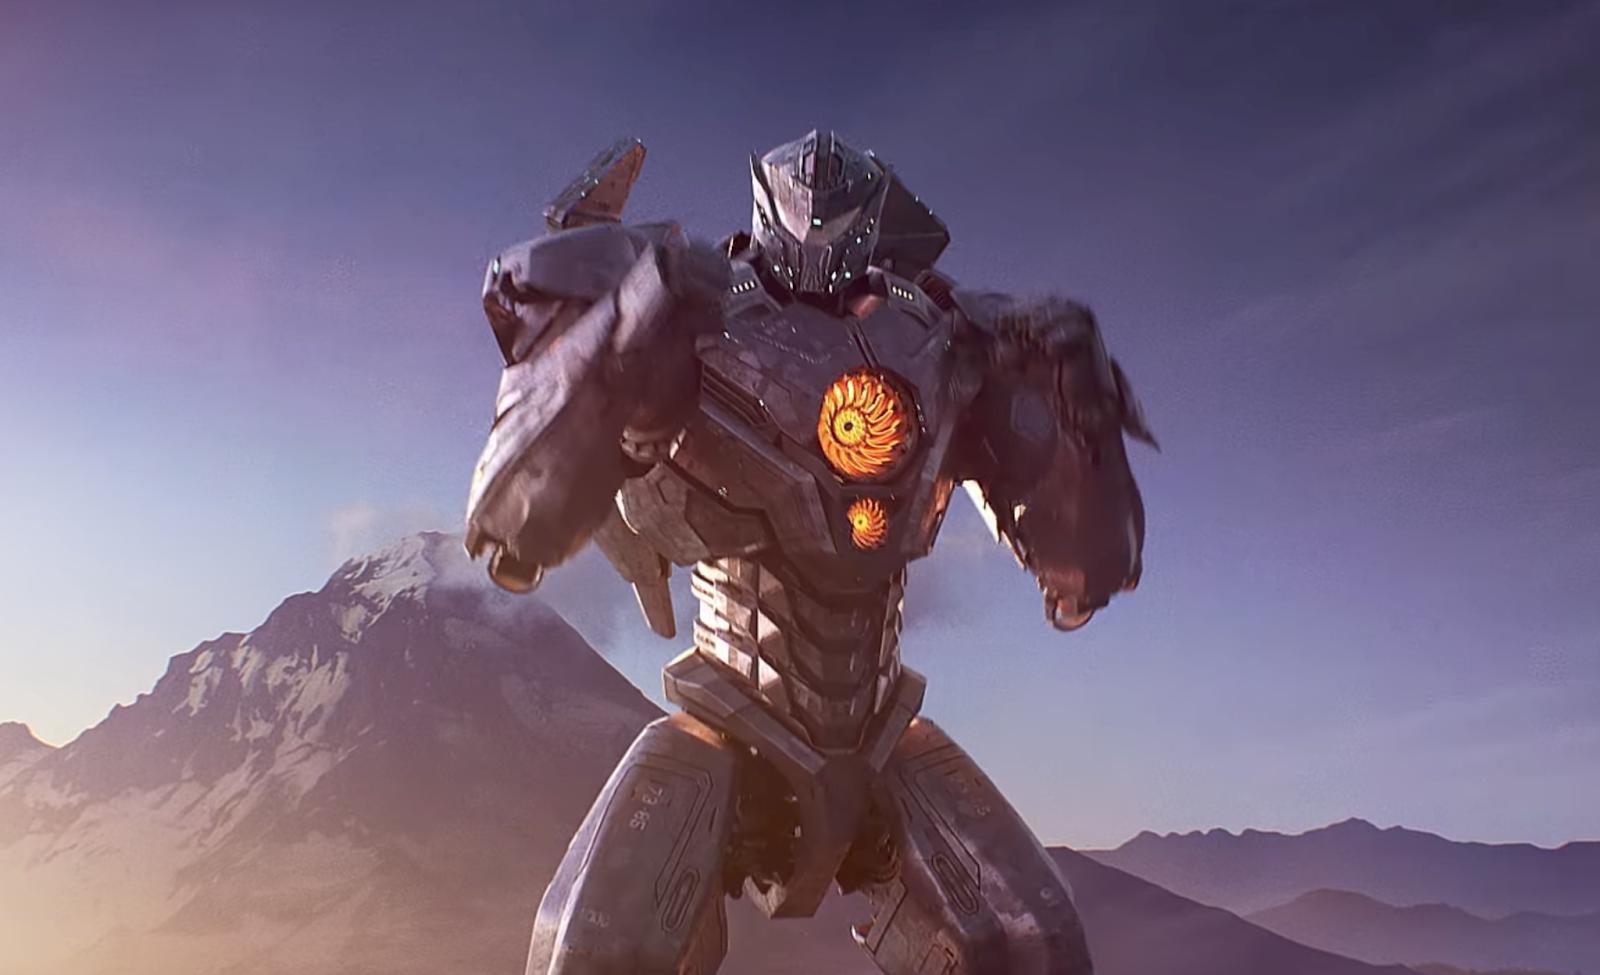 Junte-se aos Jaegers com o primeiro teaser de Pacific Rim: Uprising